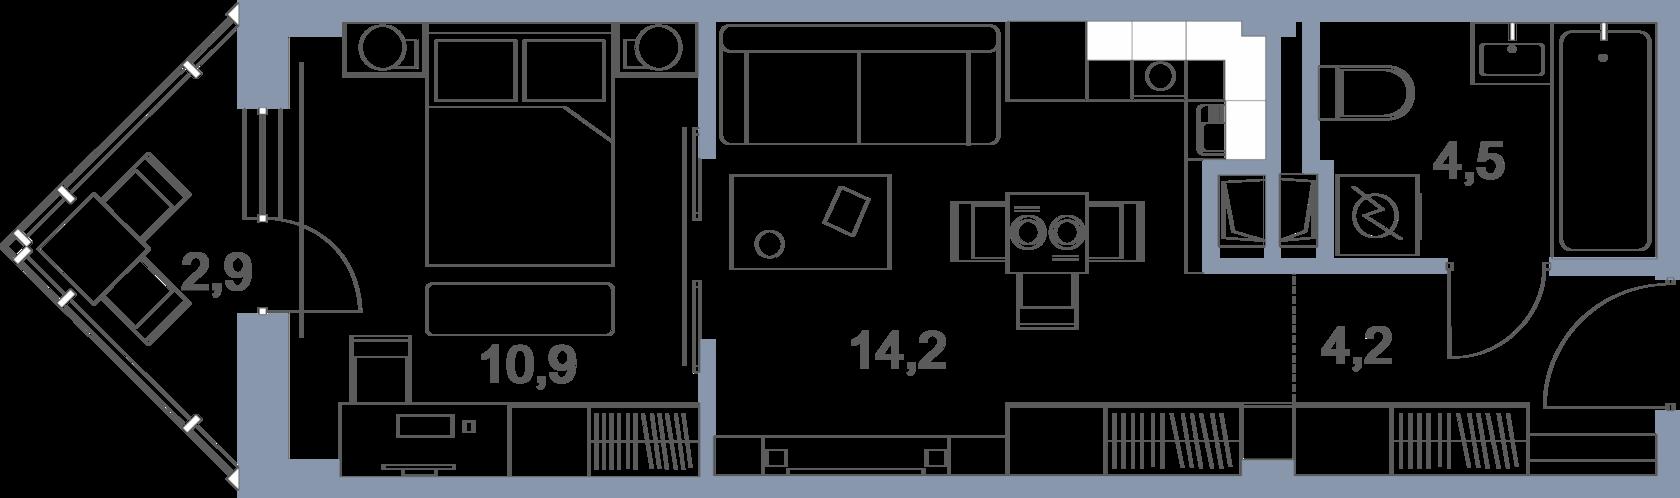 Планировка 2-комнатной квартиры в ЖК Первый Зеленоградский